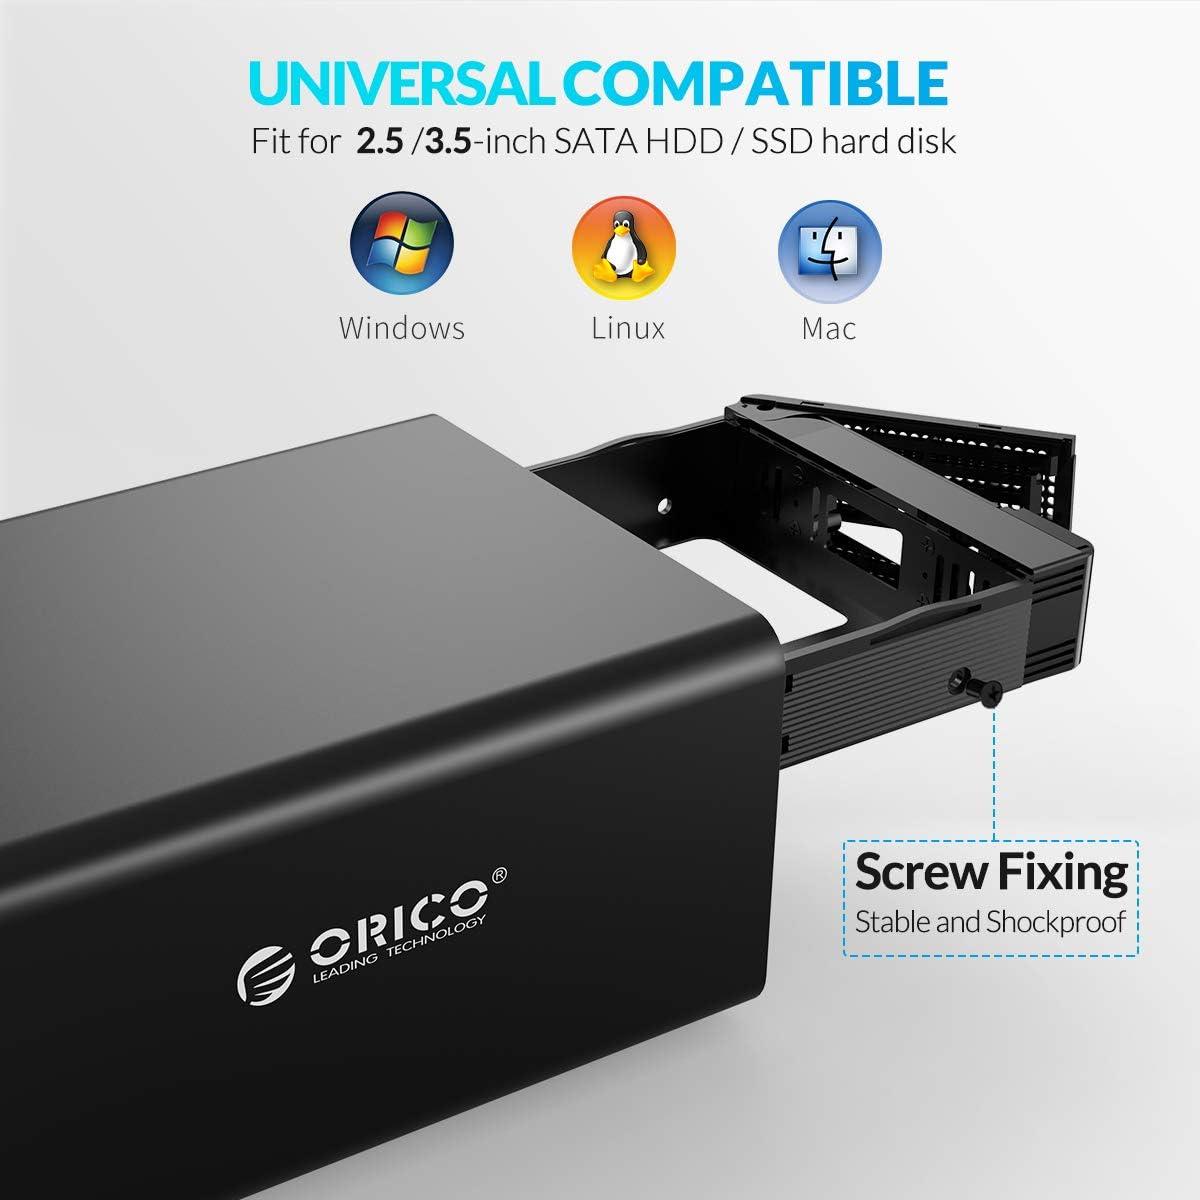 e eSATA 2 * 16 TB UASP connessione USB 3.0 RAID 0//1 SPAN PM su Windows//Mac//Linux alimentatore esterno 48W Orico disco rigido doppia docking station per HDD//SSD SATA da 2,5//3,5 pollici